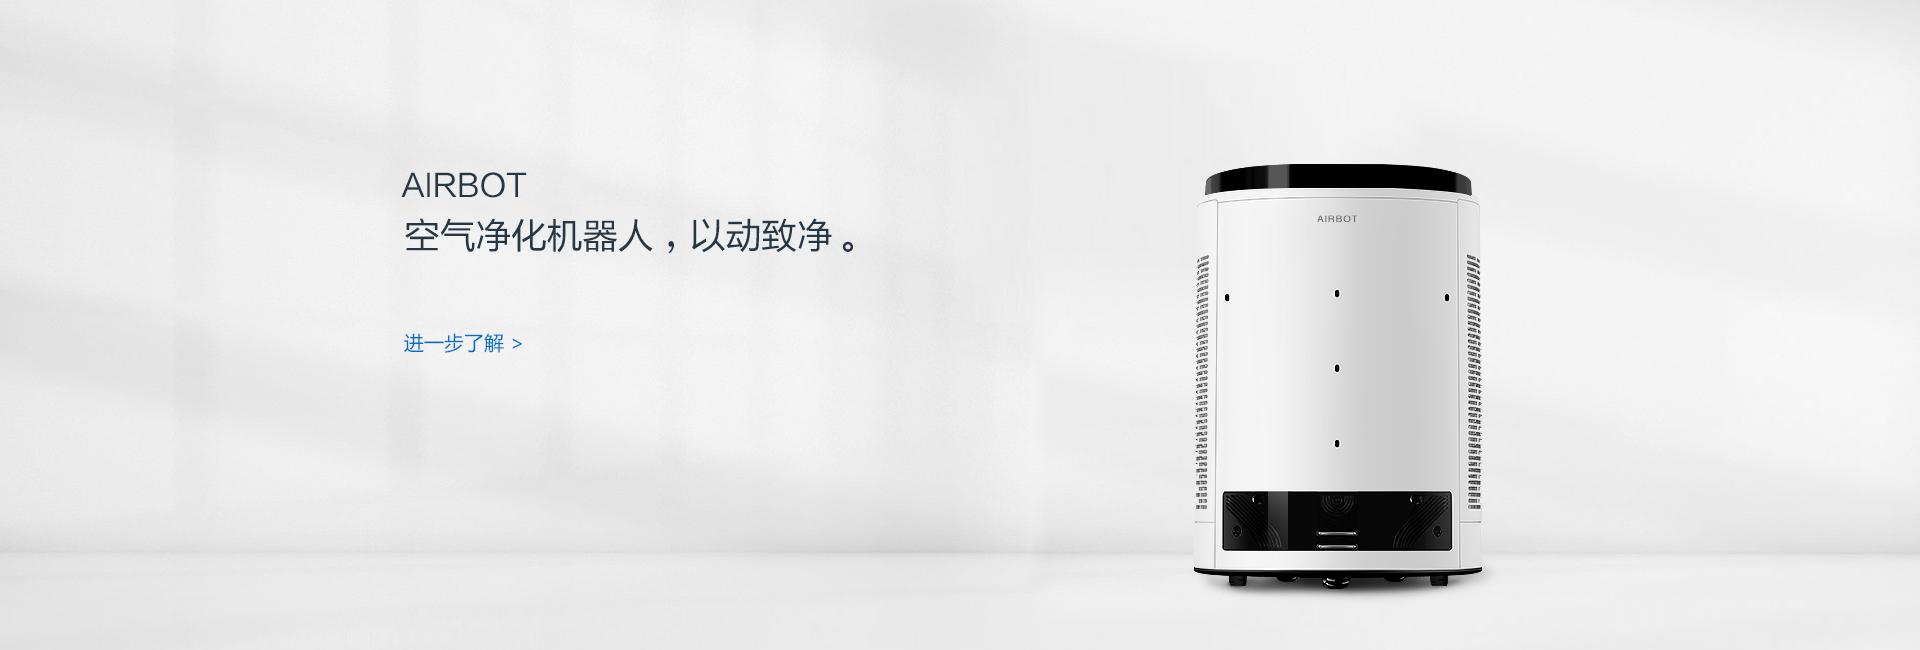 空气净化机器人,以动致净